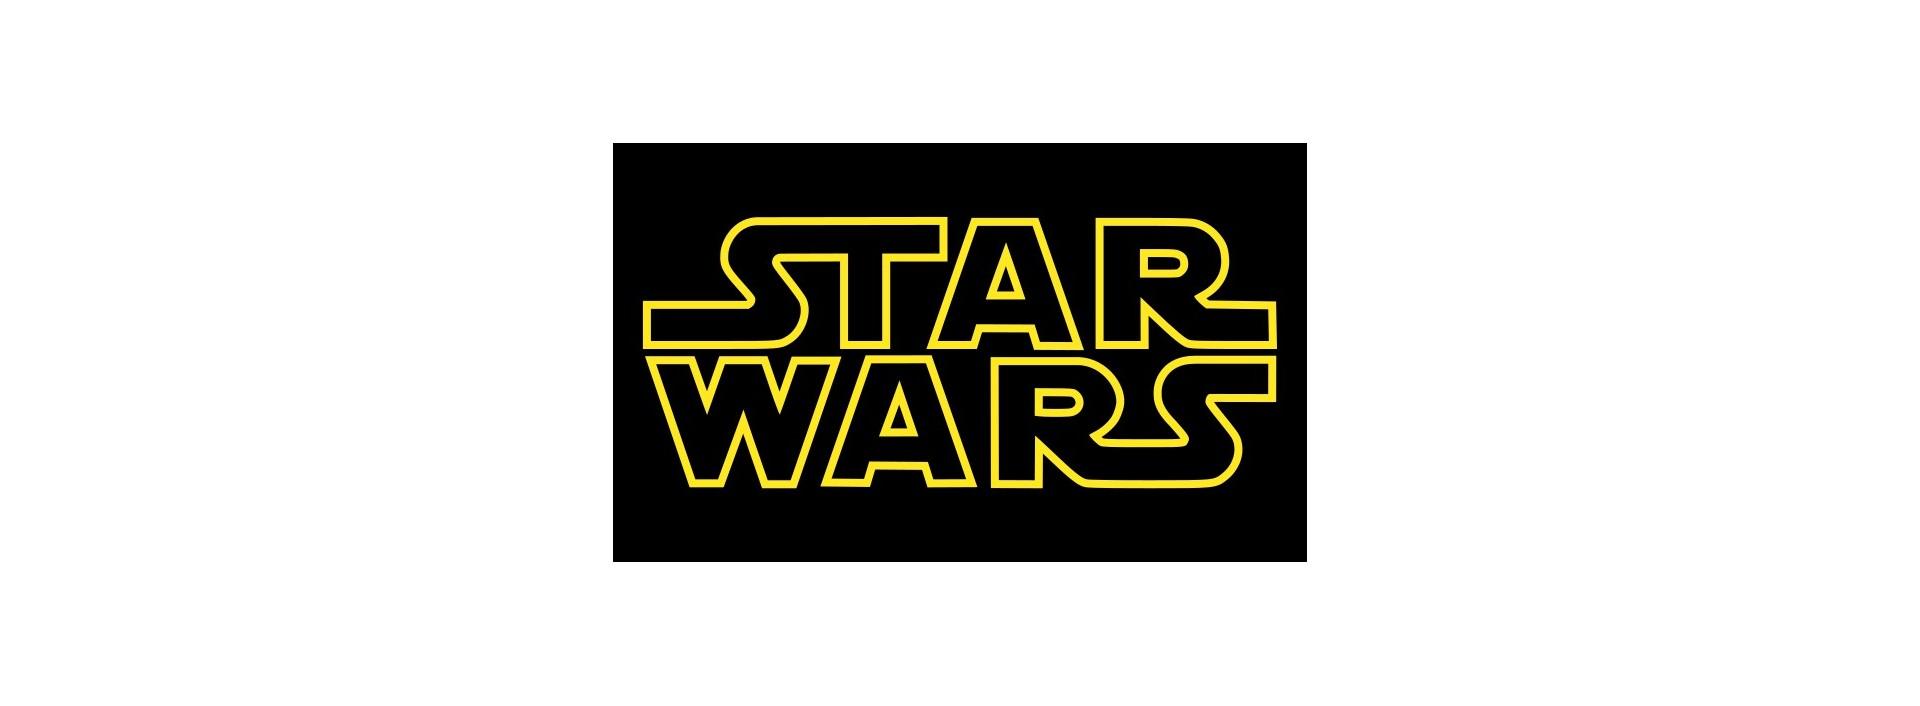 Funko Star Wars en mascromos.com tu web de cromos y Funko Pop online